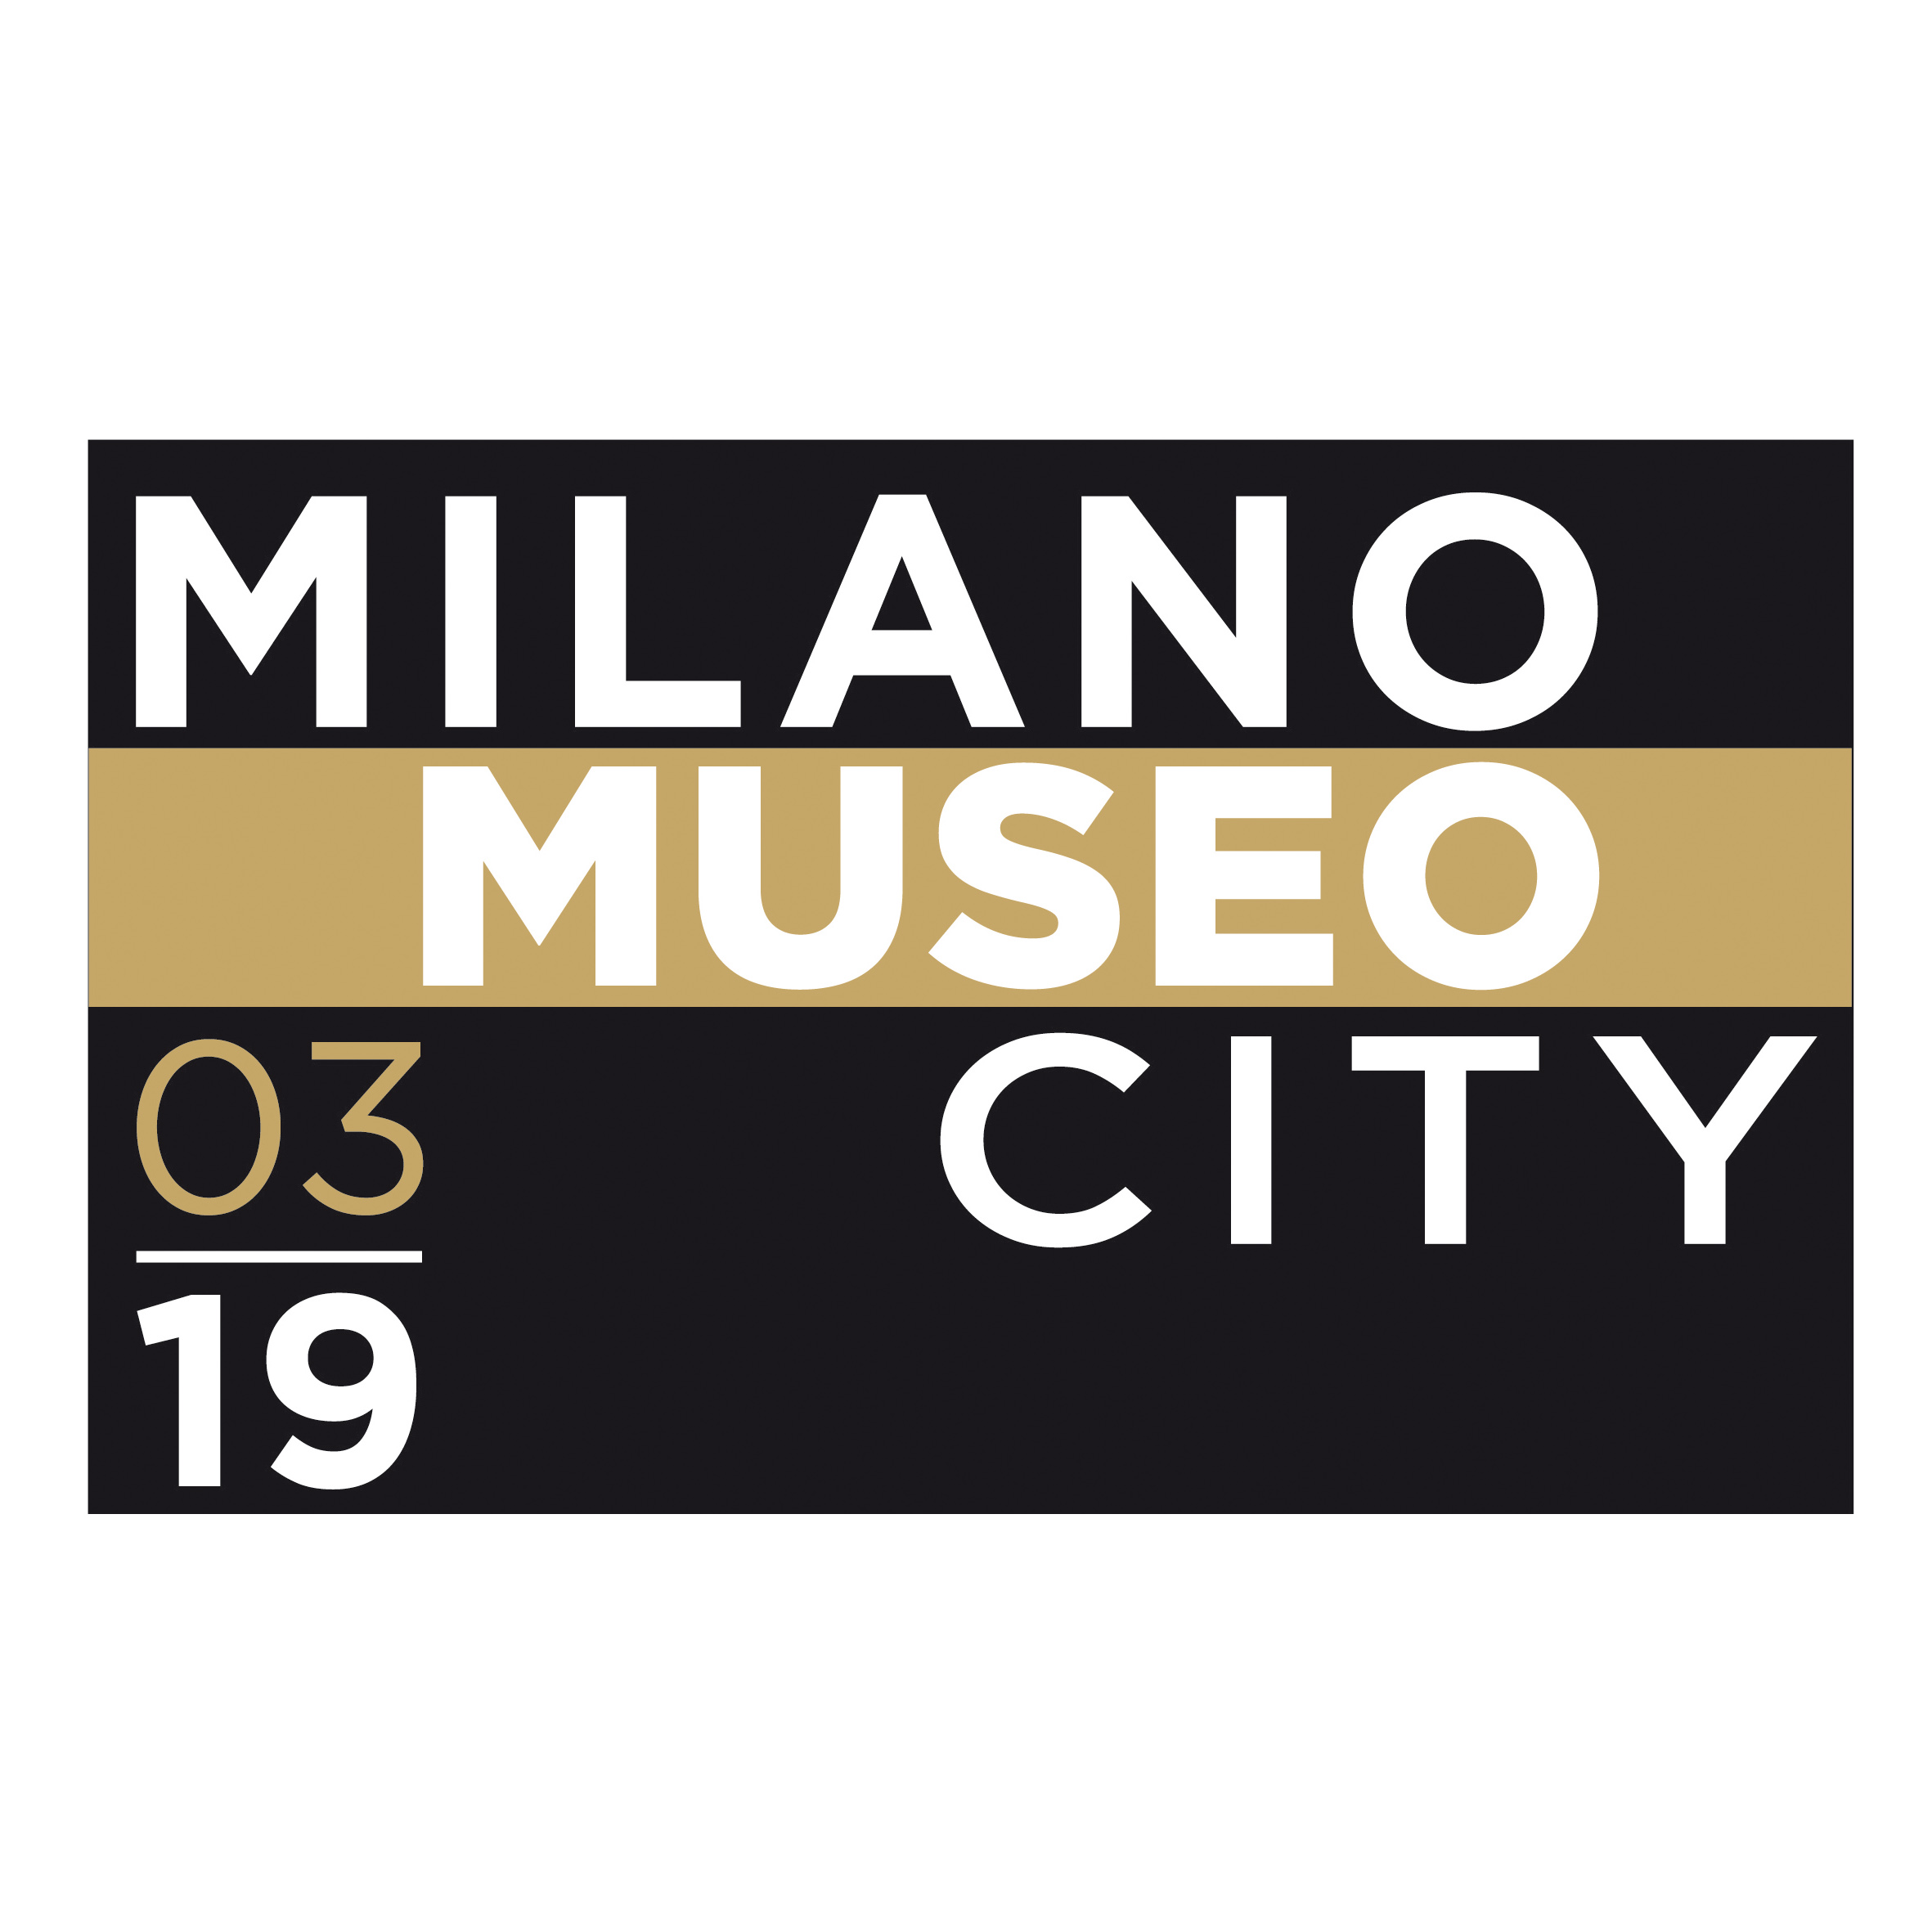 museo city a spazio tadini